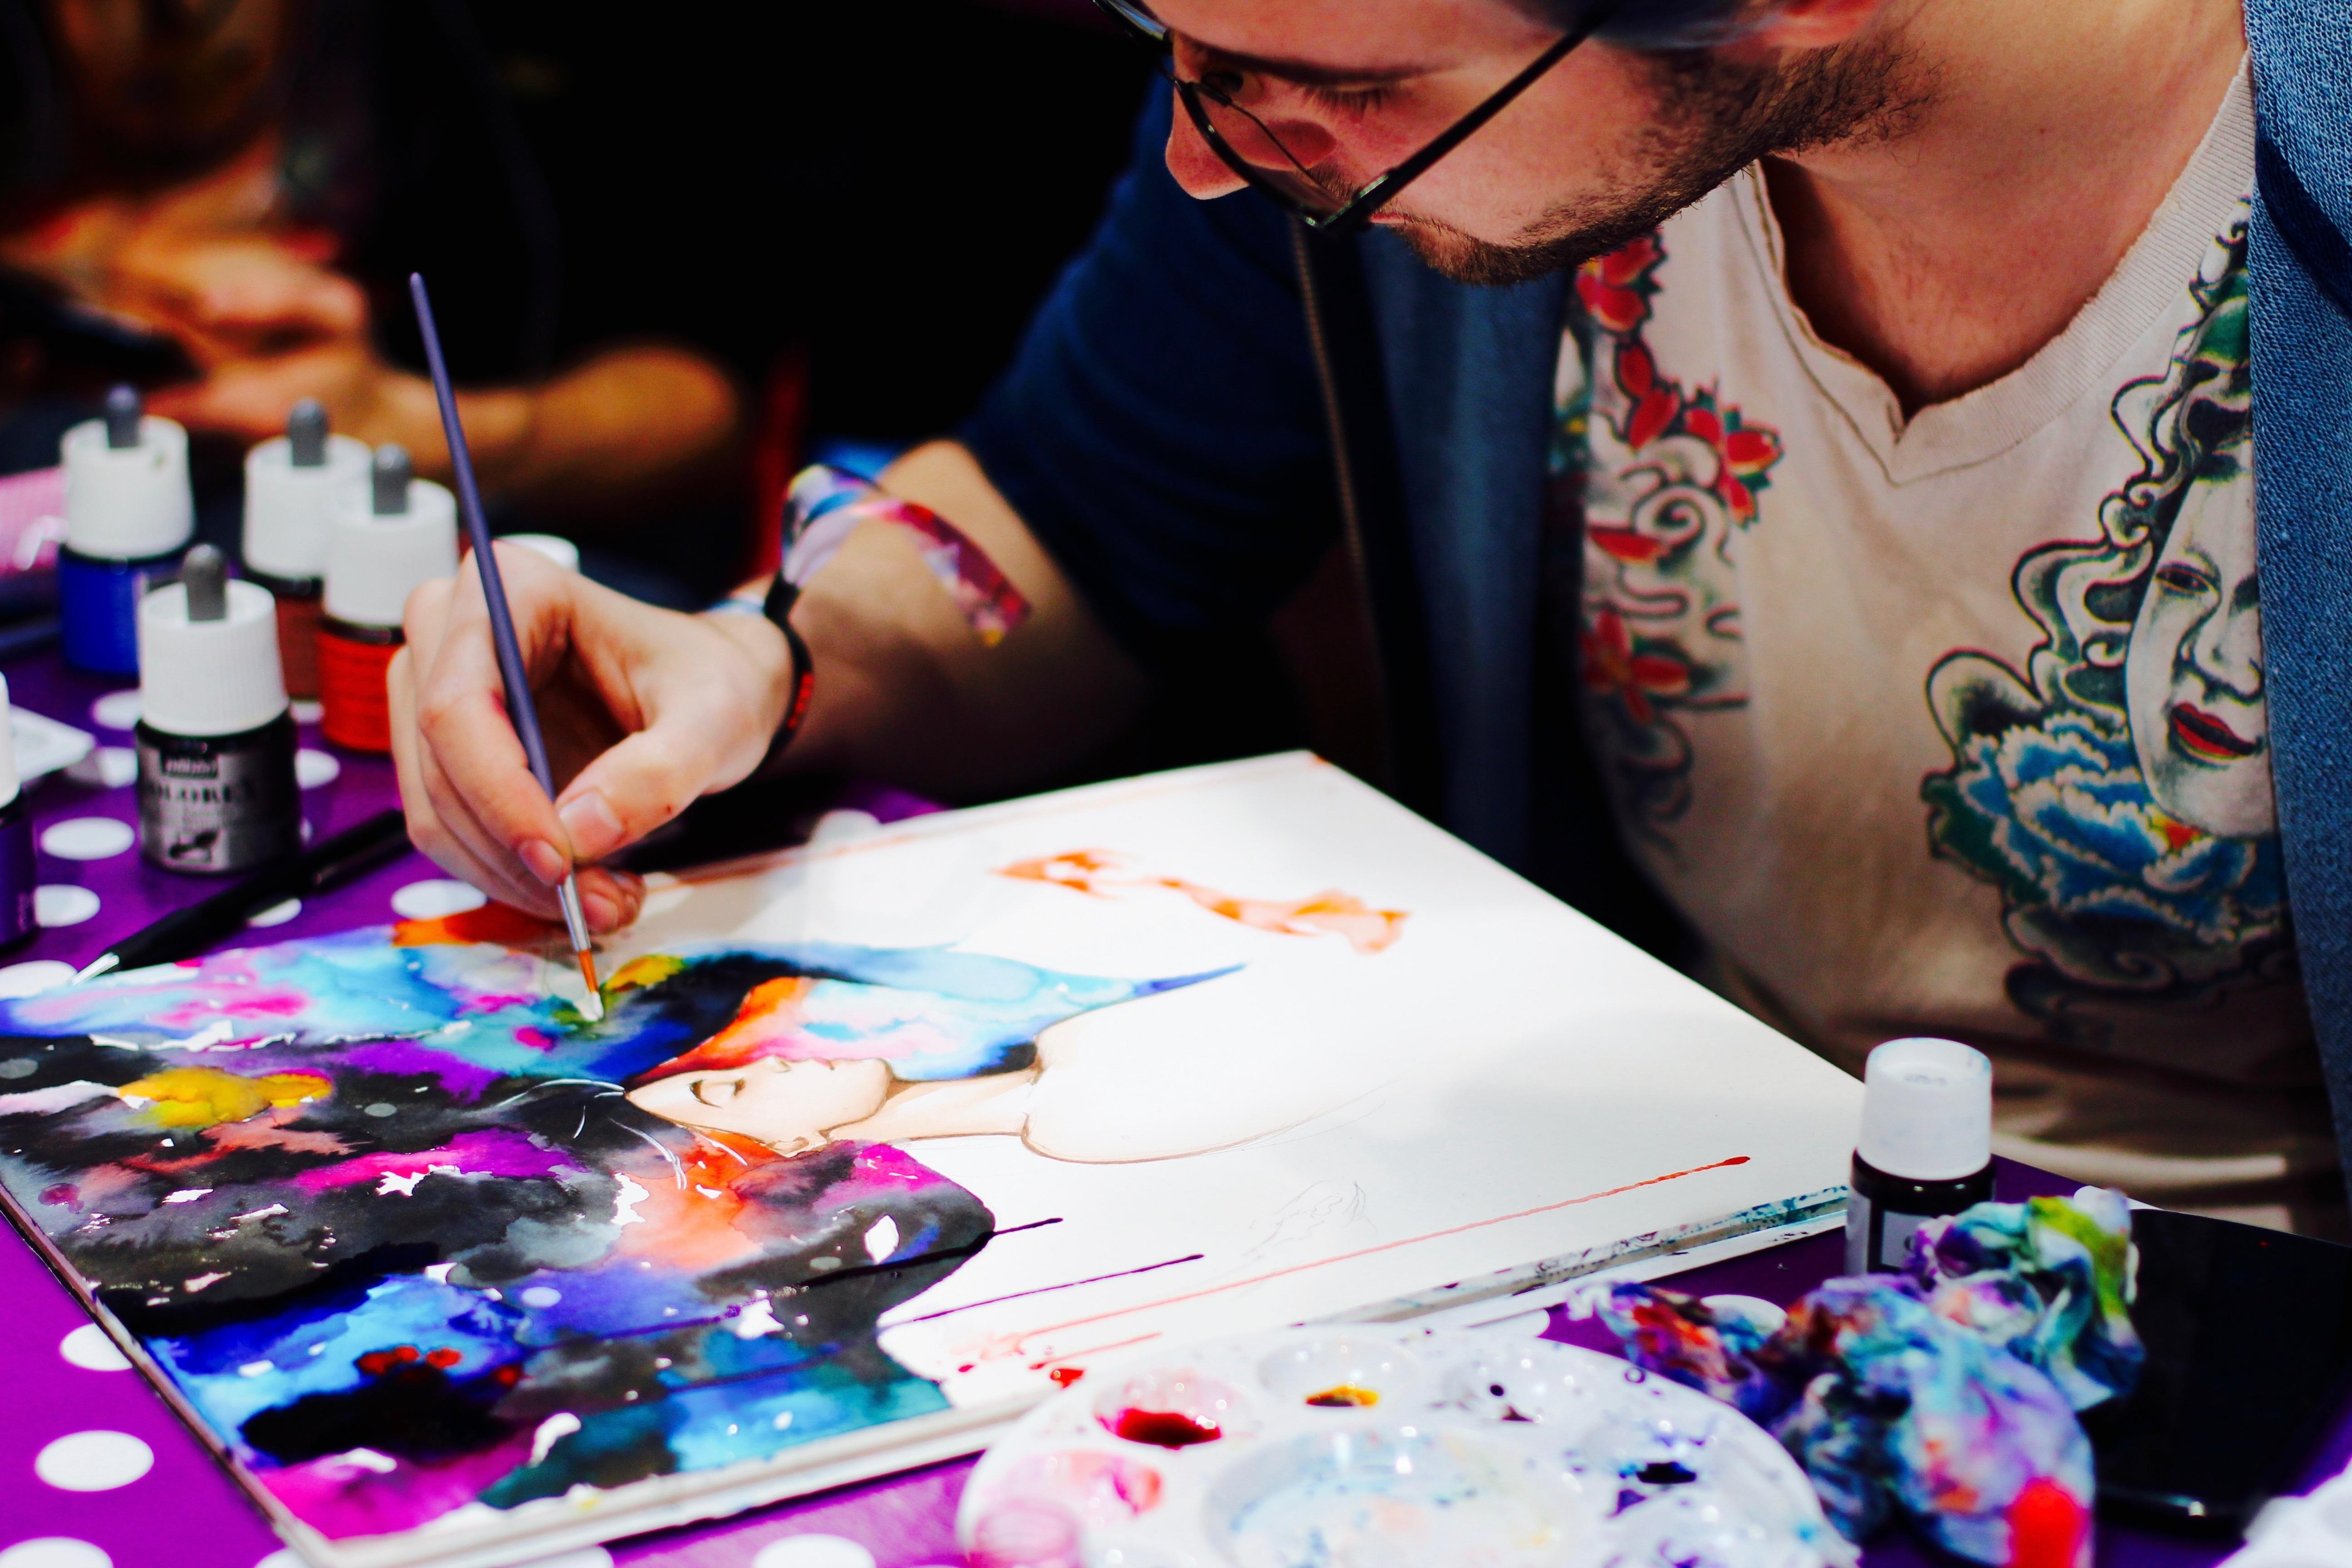 Künstler Dortmund kostenlose foto gruppe künstler farbe kunst zahl